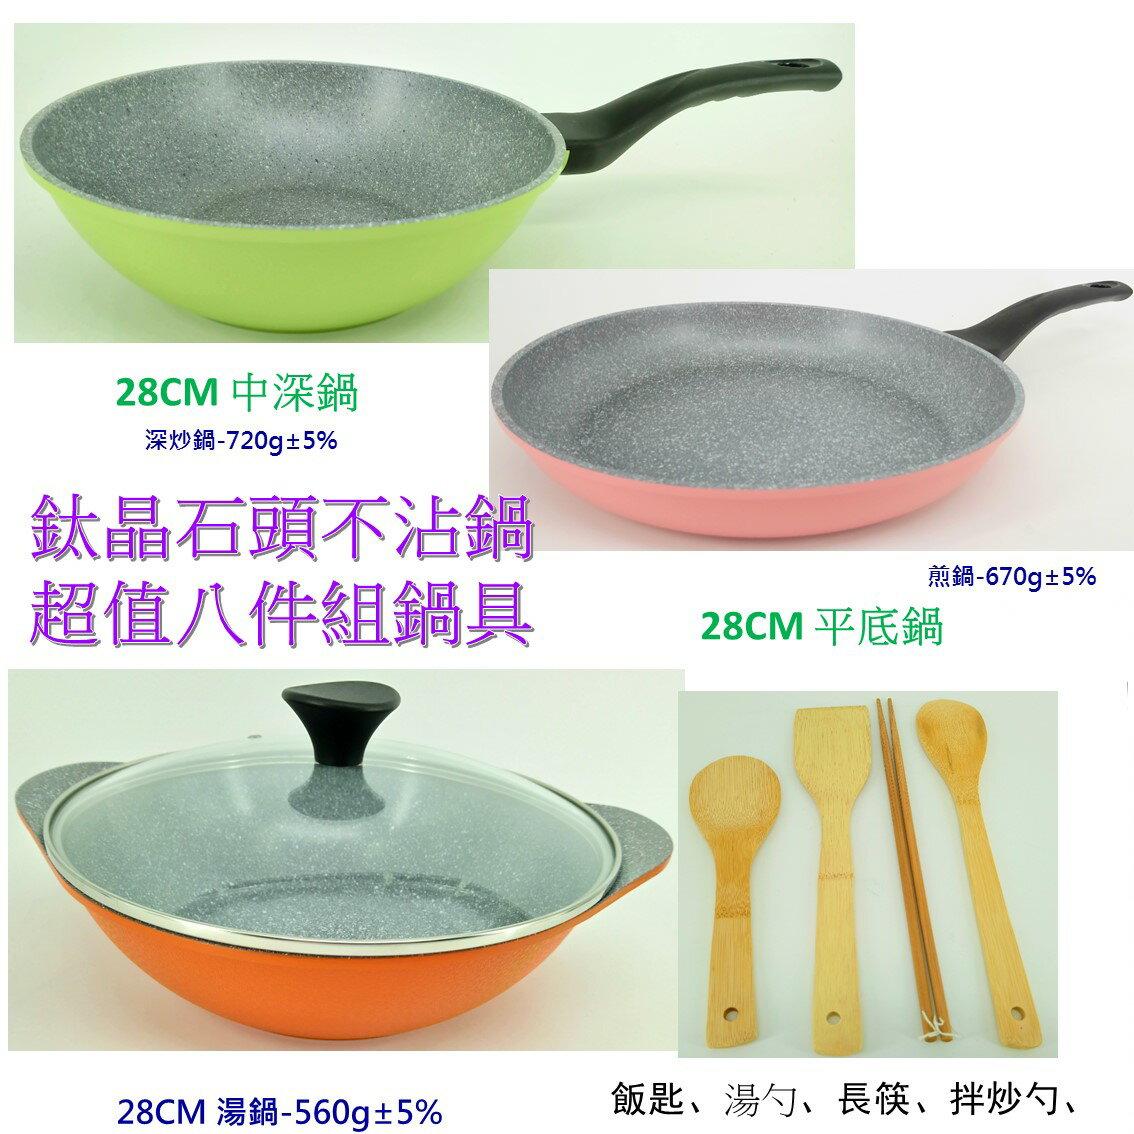 樂活生活館 韓國  Ecoramic鈦晶石頭抗菌不沾鍋-超值8件組鍋具  28cm  平底鍋 中深鍋 煮鍋 鍋蓋